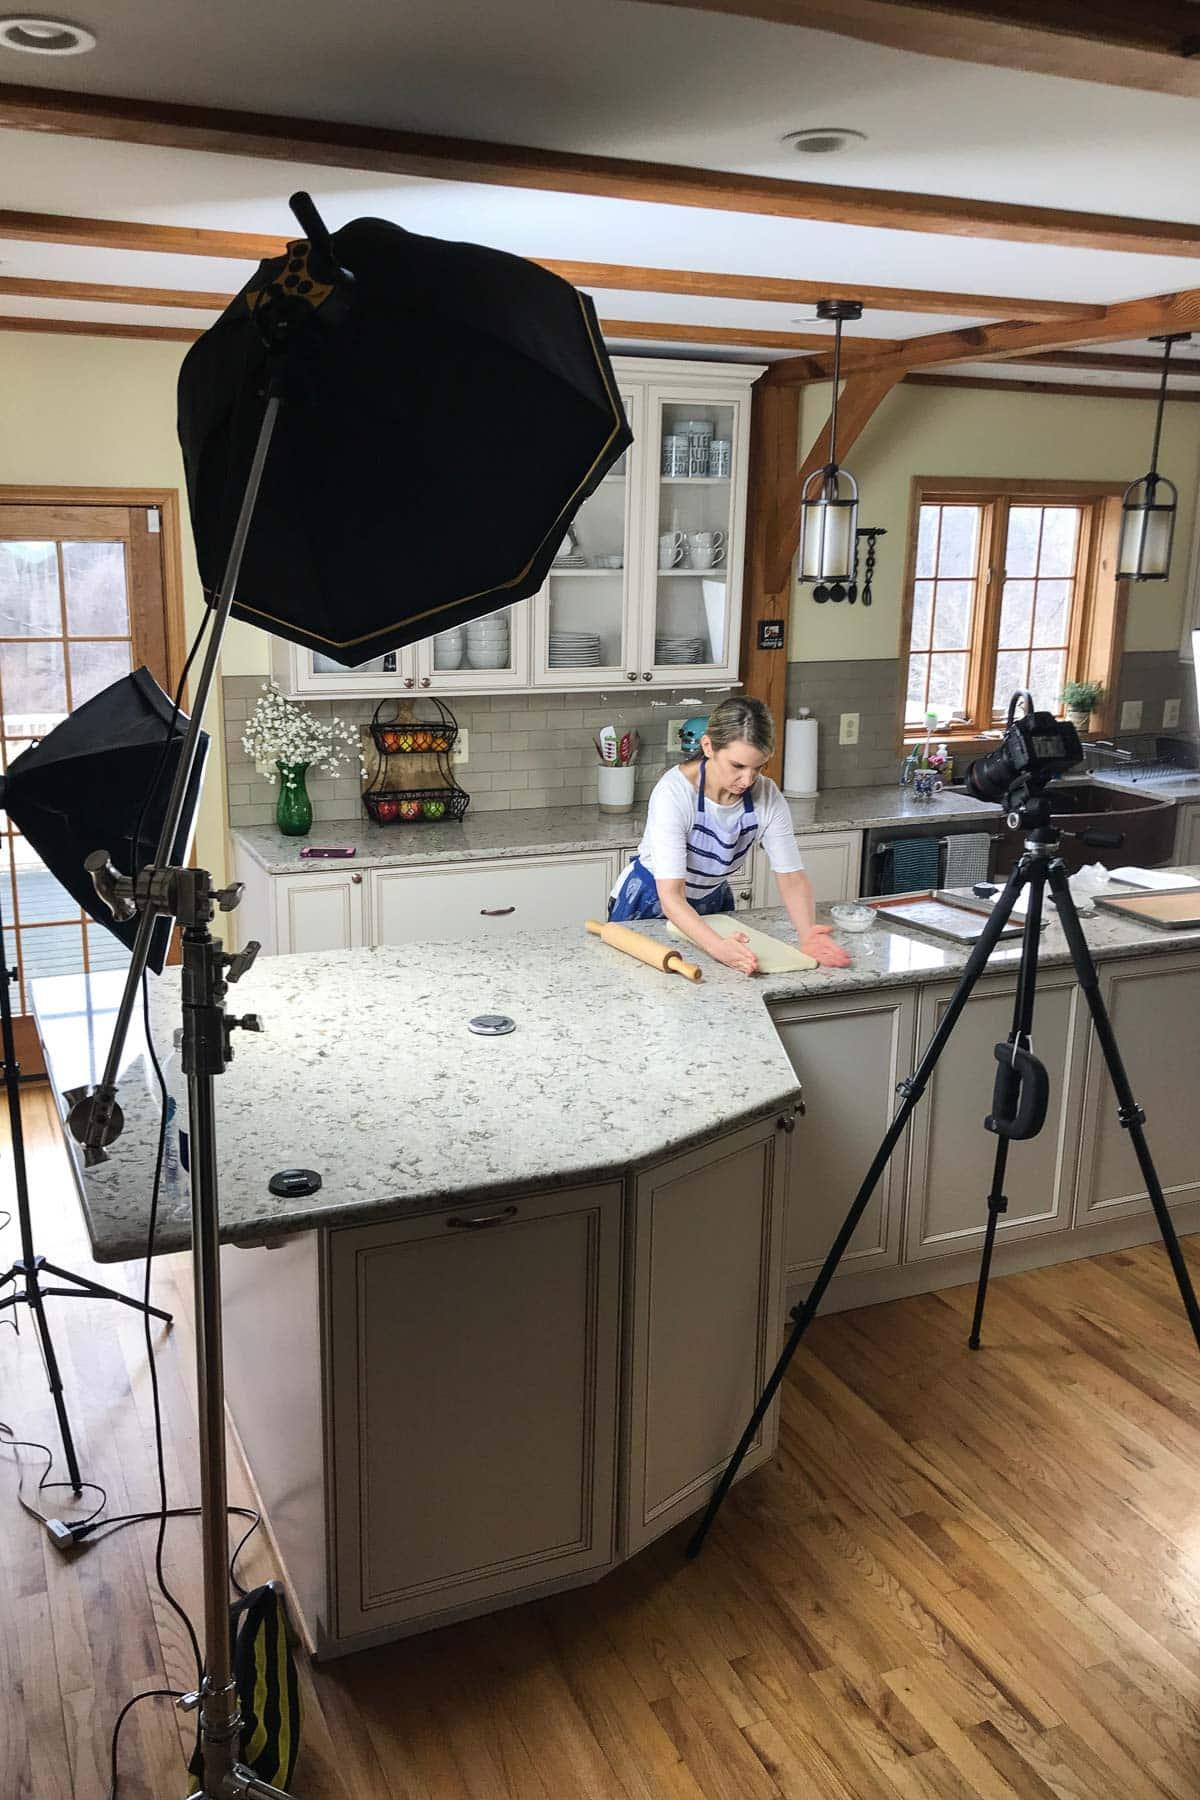 Shooting videos